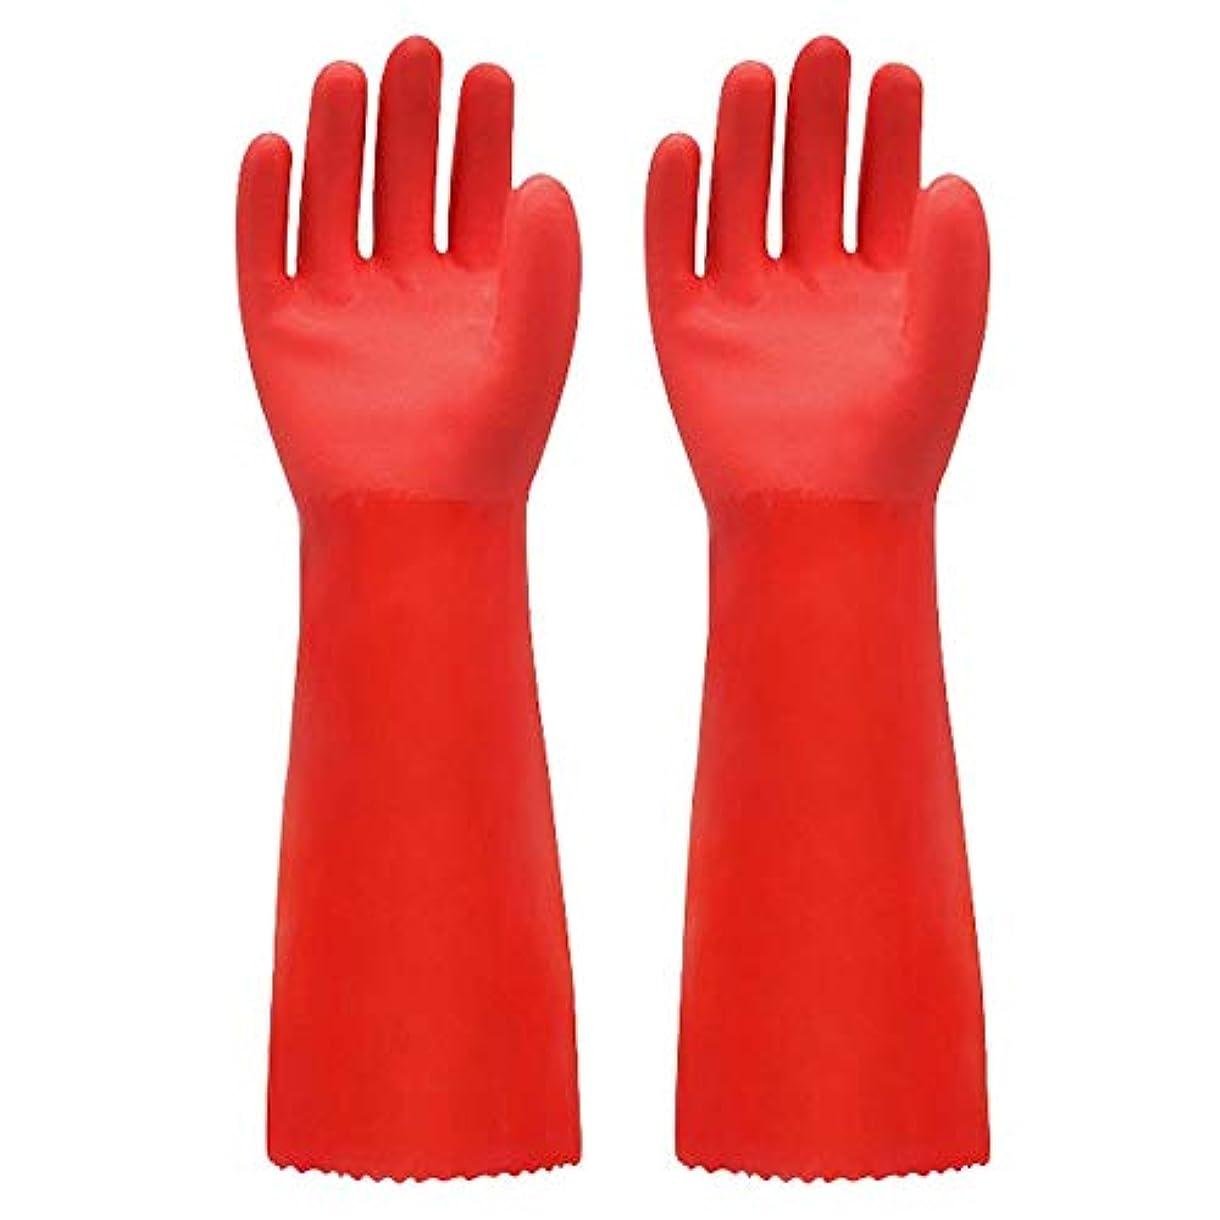 正確さぴったり神BTXXYJP キッチン用手袋 手袋 掃除用 ロング 耐摩耗 食器洗い 作業 炊事 食器洗い 園芸 洗車 防水 手袋 (Color : RED, Size : L)